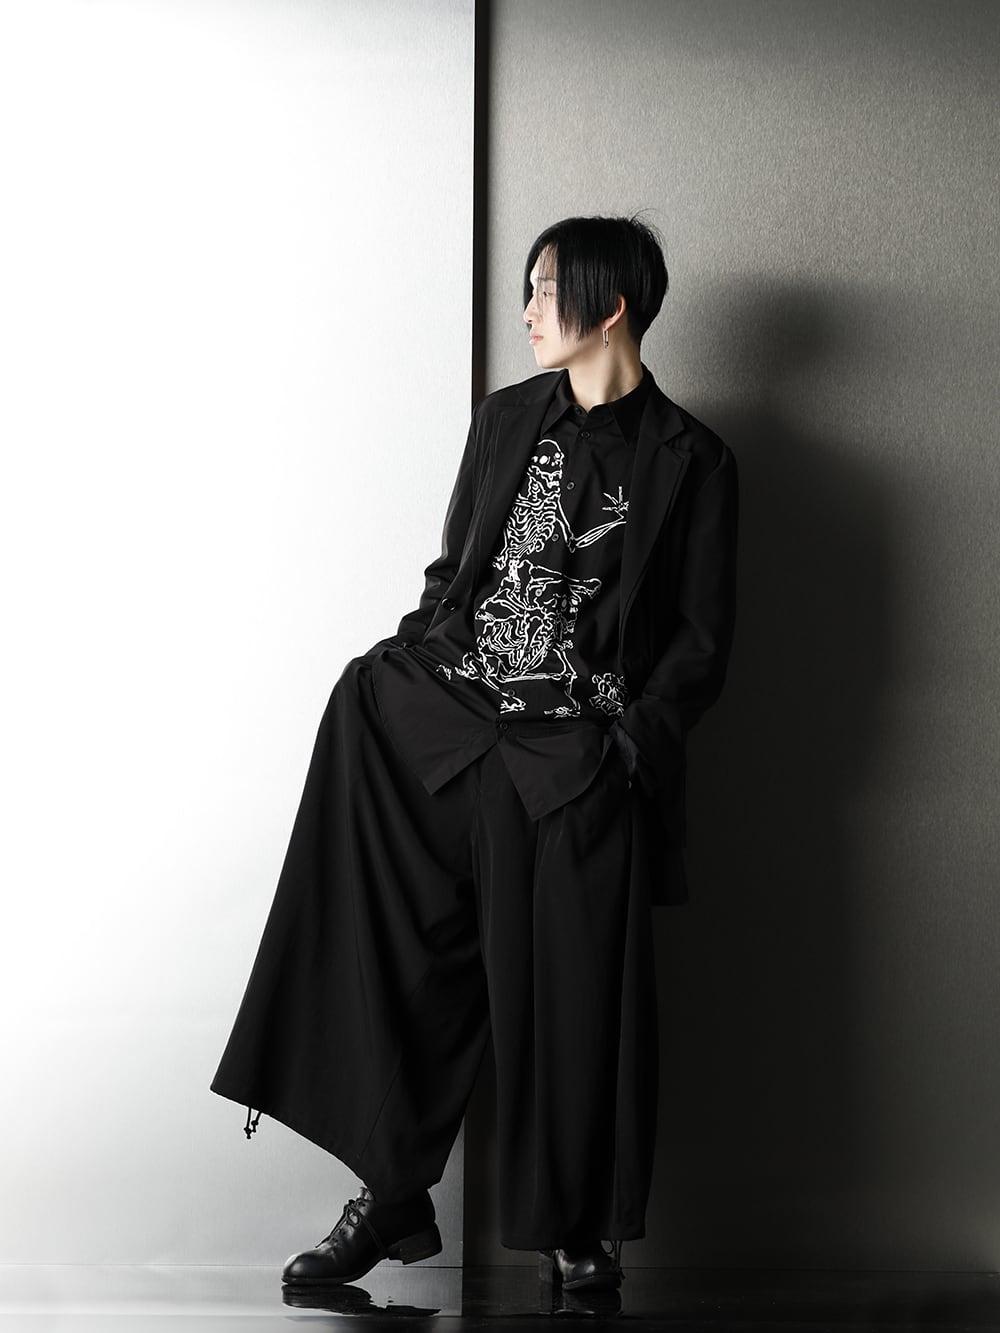 Ground Y x Kyosai Kawanabe Collaboration Shirt Styling - 1-001